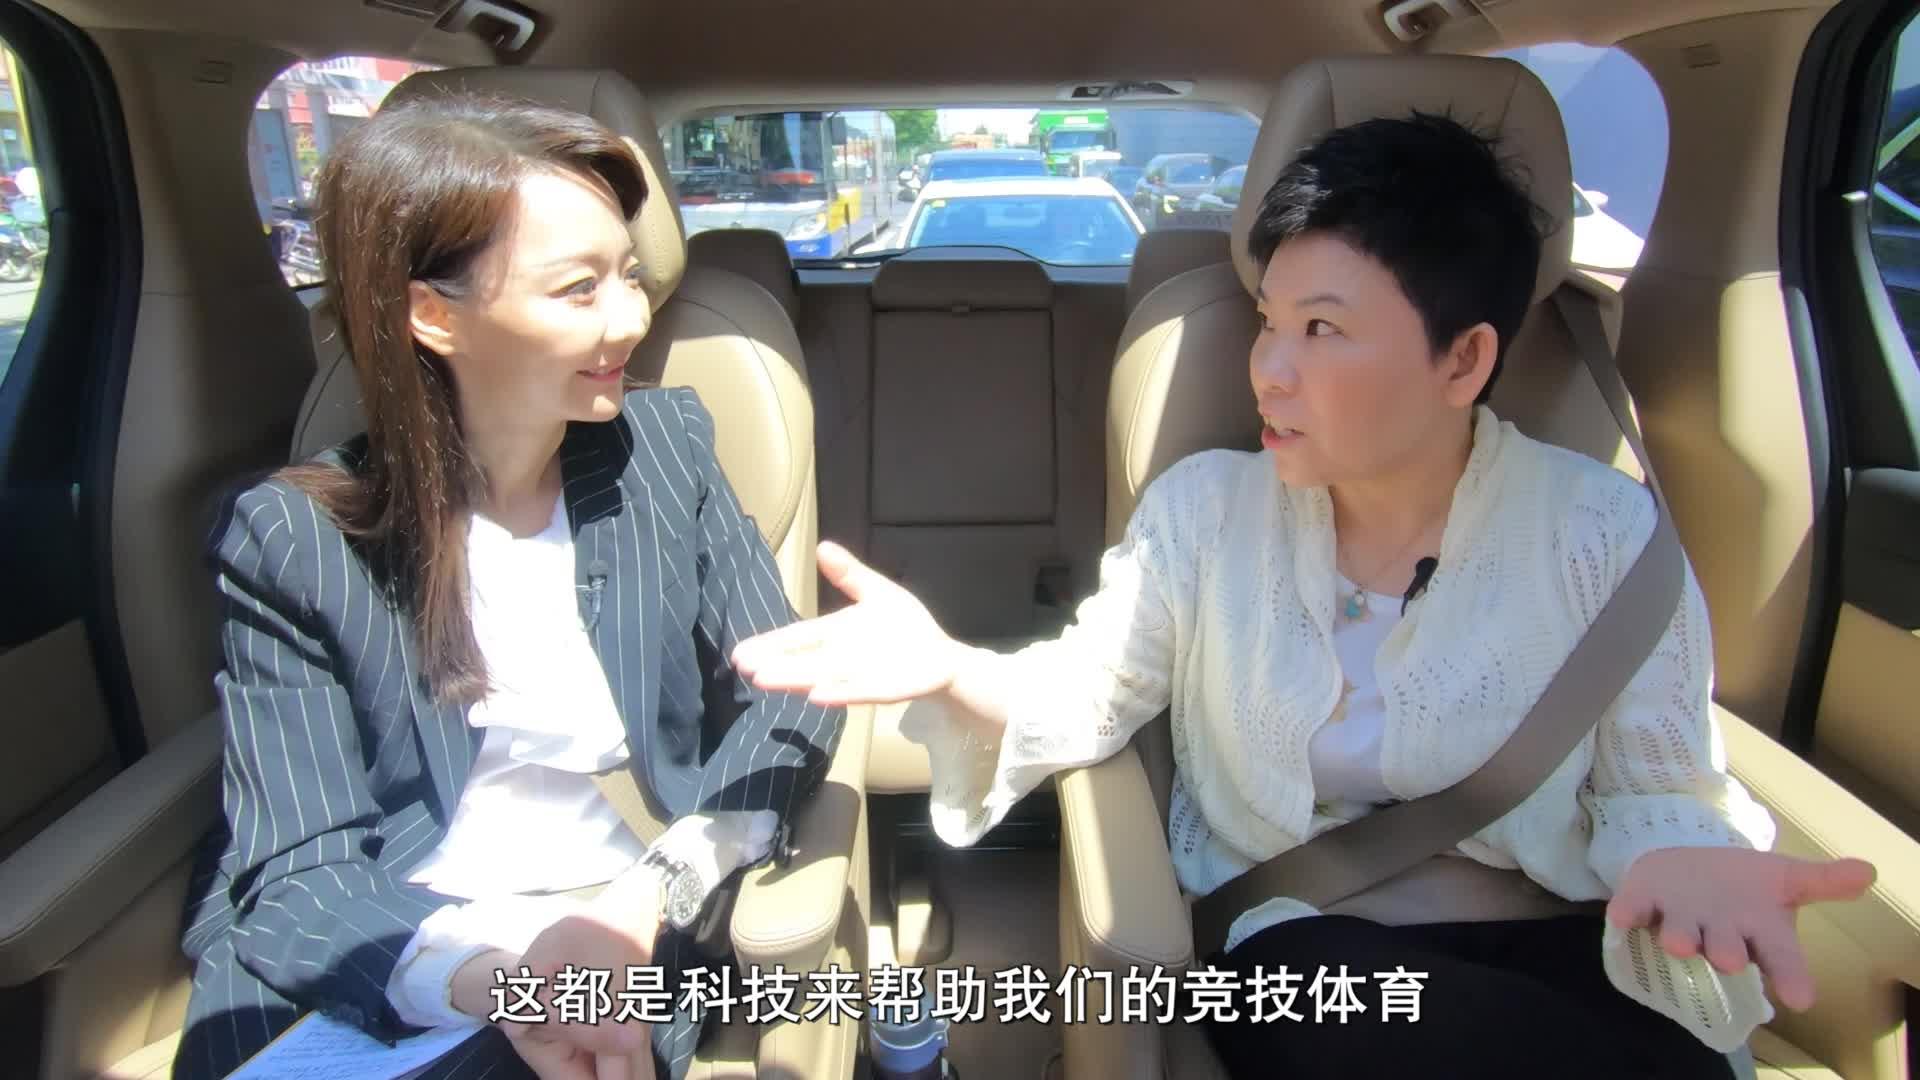 【精编】专访邓亚萍:体育产业复苏艰难 帮扶要出实招才行